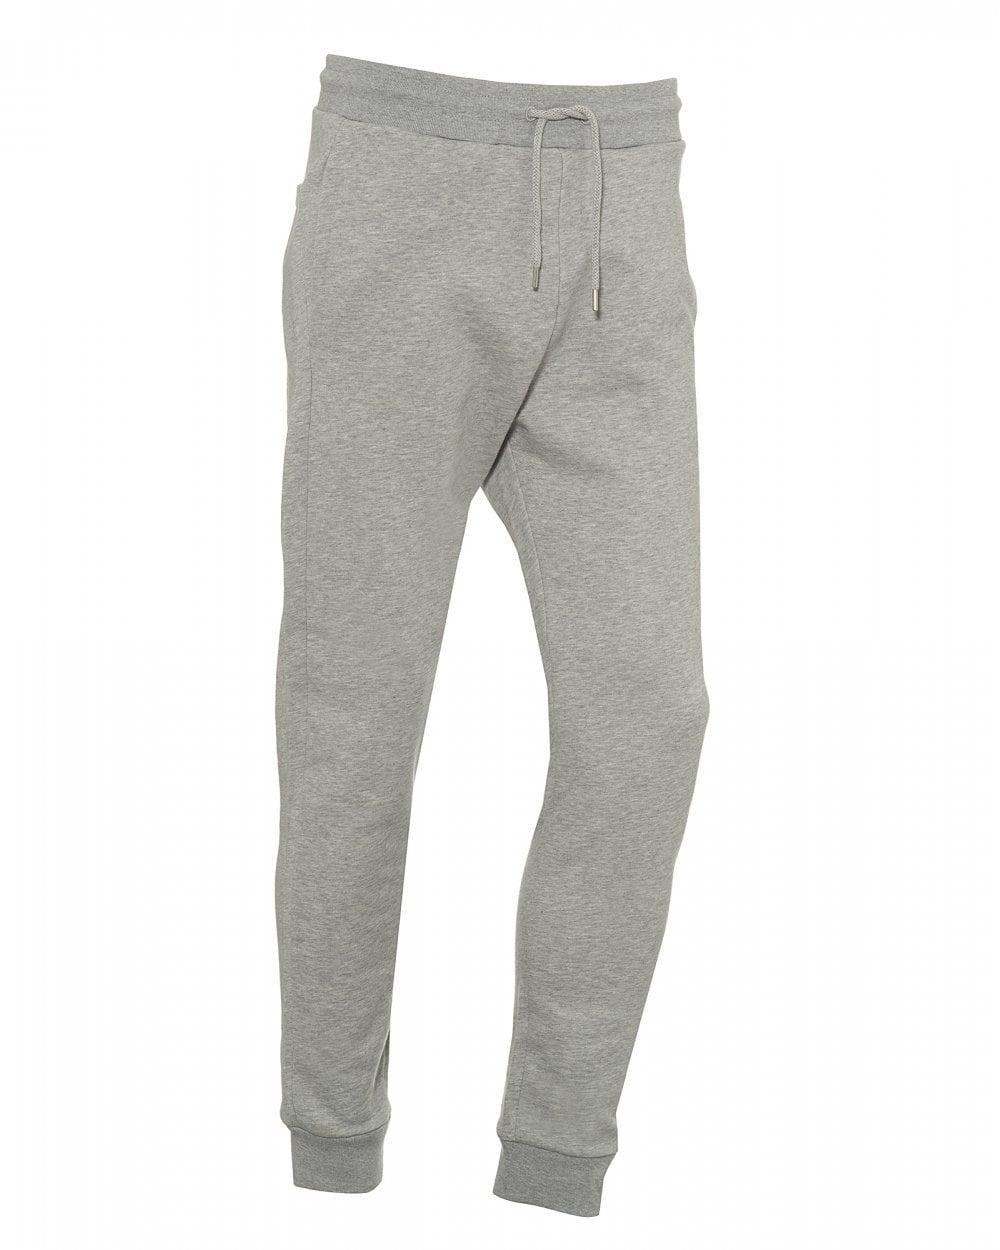 Versace Jeans Men/'s Graphic Track Sweat Pants US M IT 50